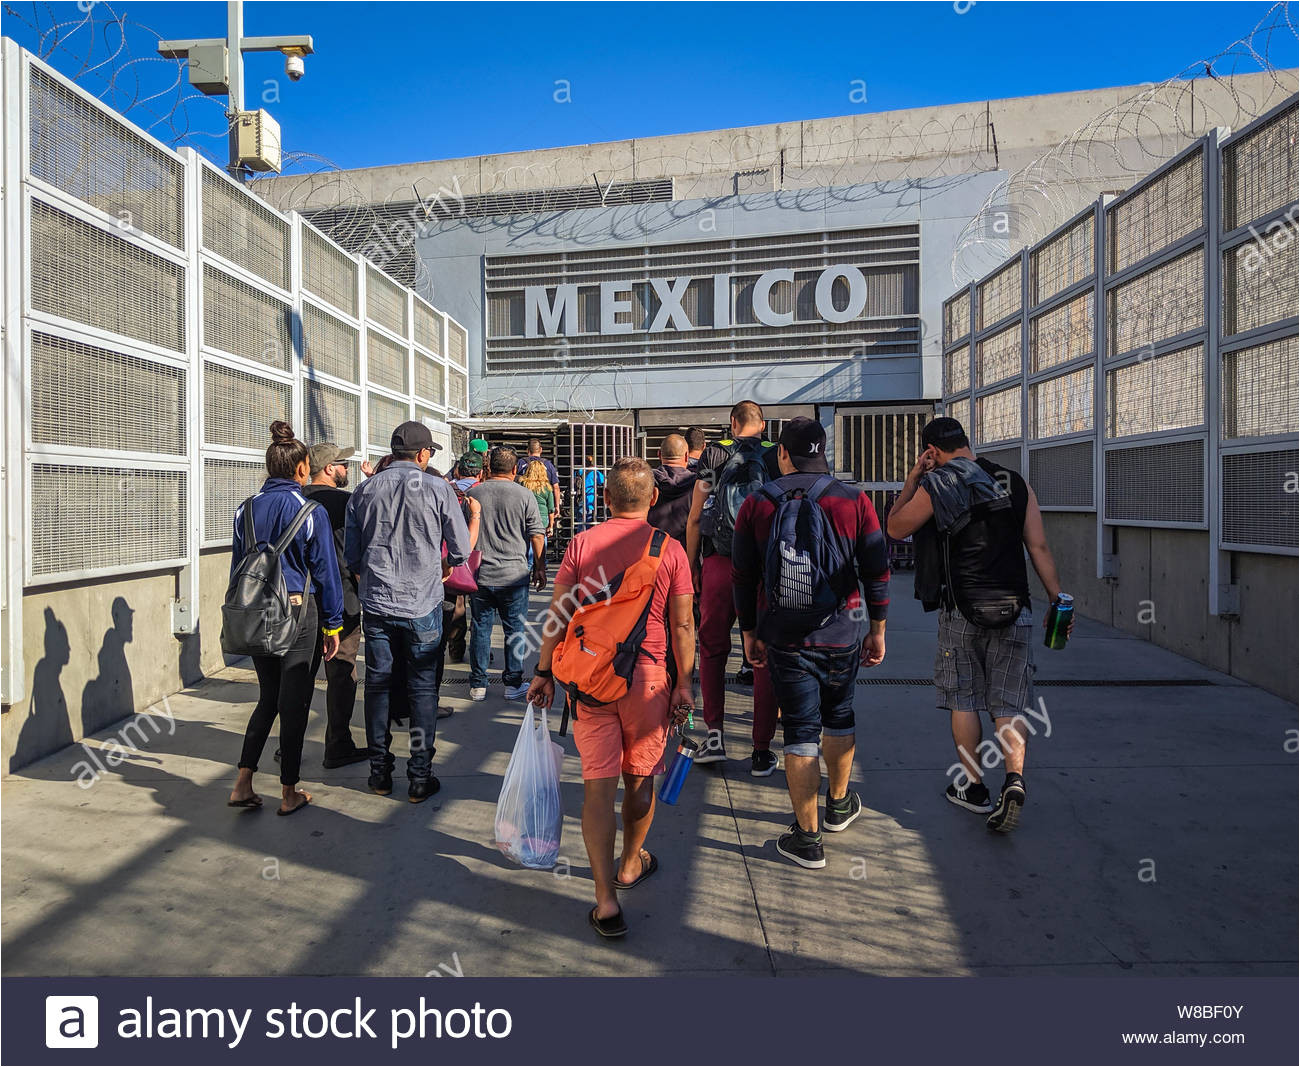 pedestrians at the pedeast usmexican border crossing in san diego california w8bf0y jpg